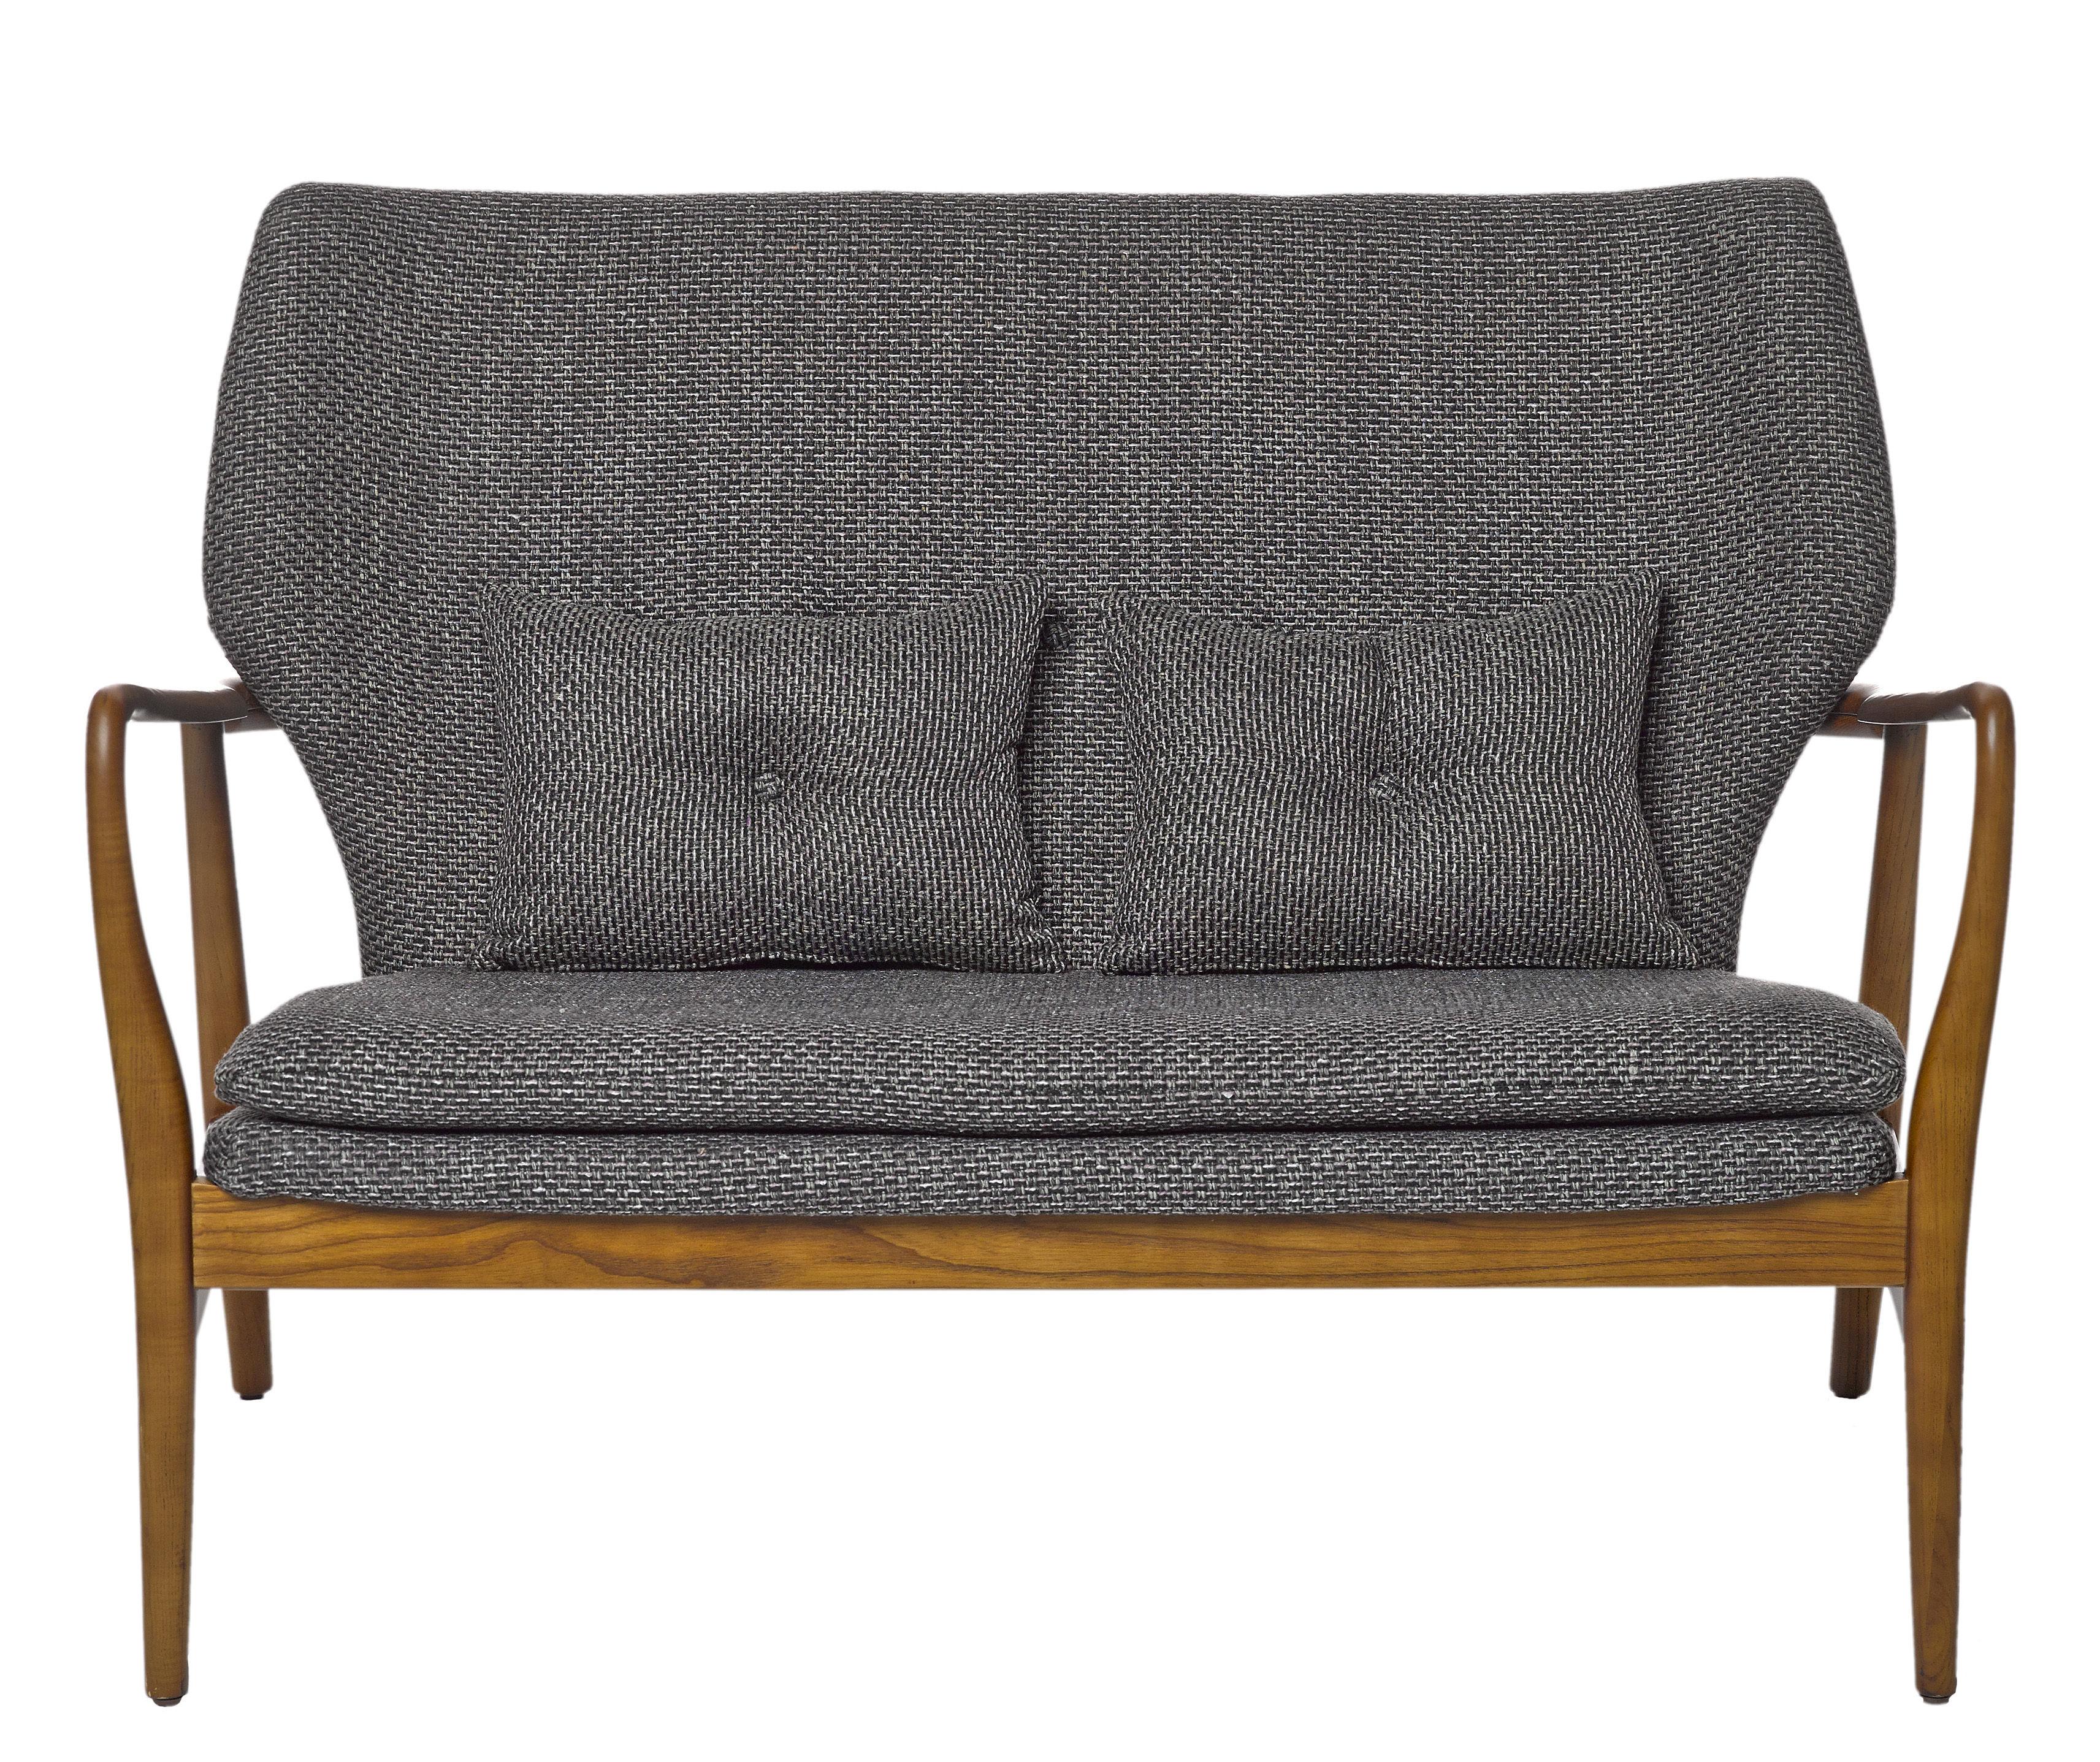 Mobilier - Canapés - Canapé droit Peggy / 2 places - L 124 cm - Pols Potten - Gris / Bois naturel - Frêne verni, Mousse, Tissu